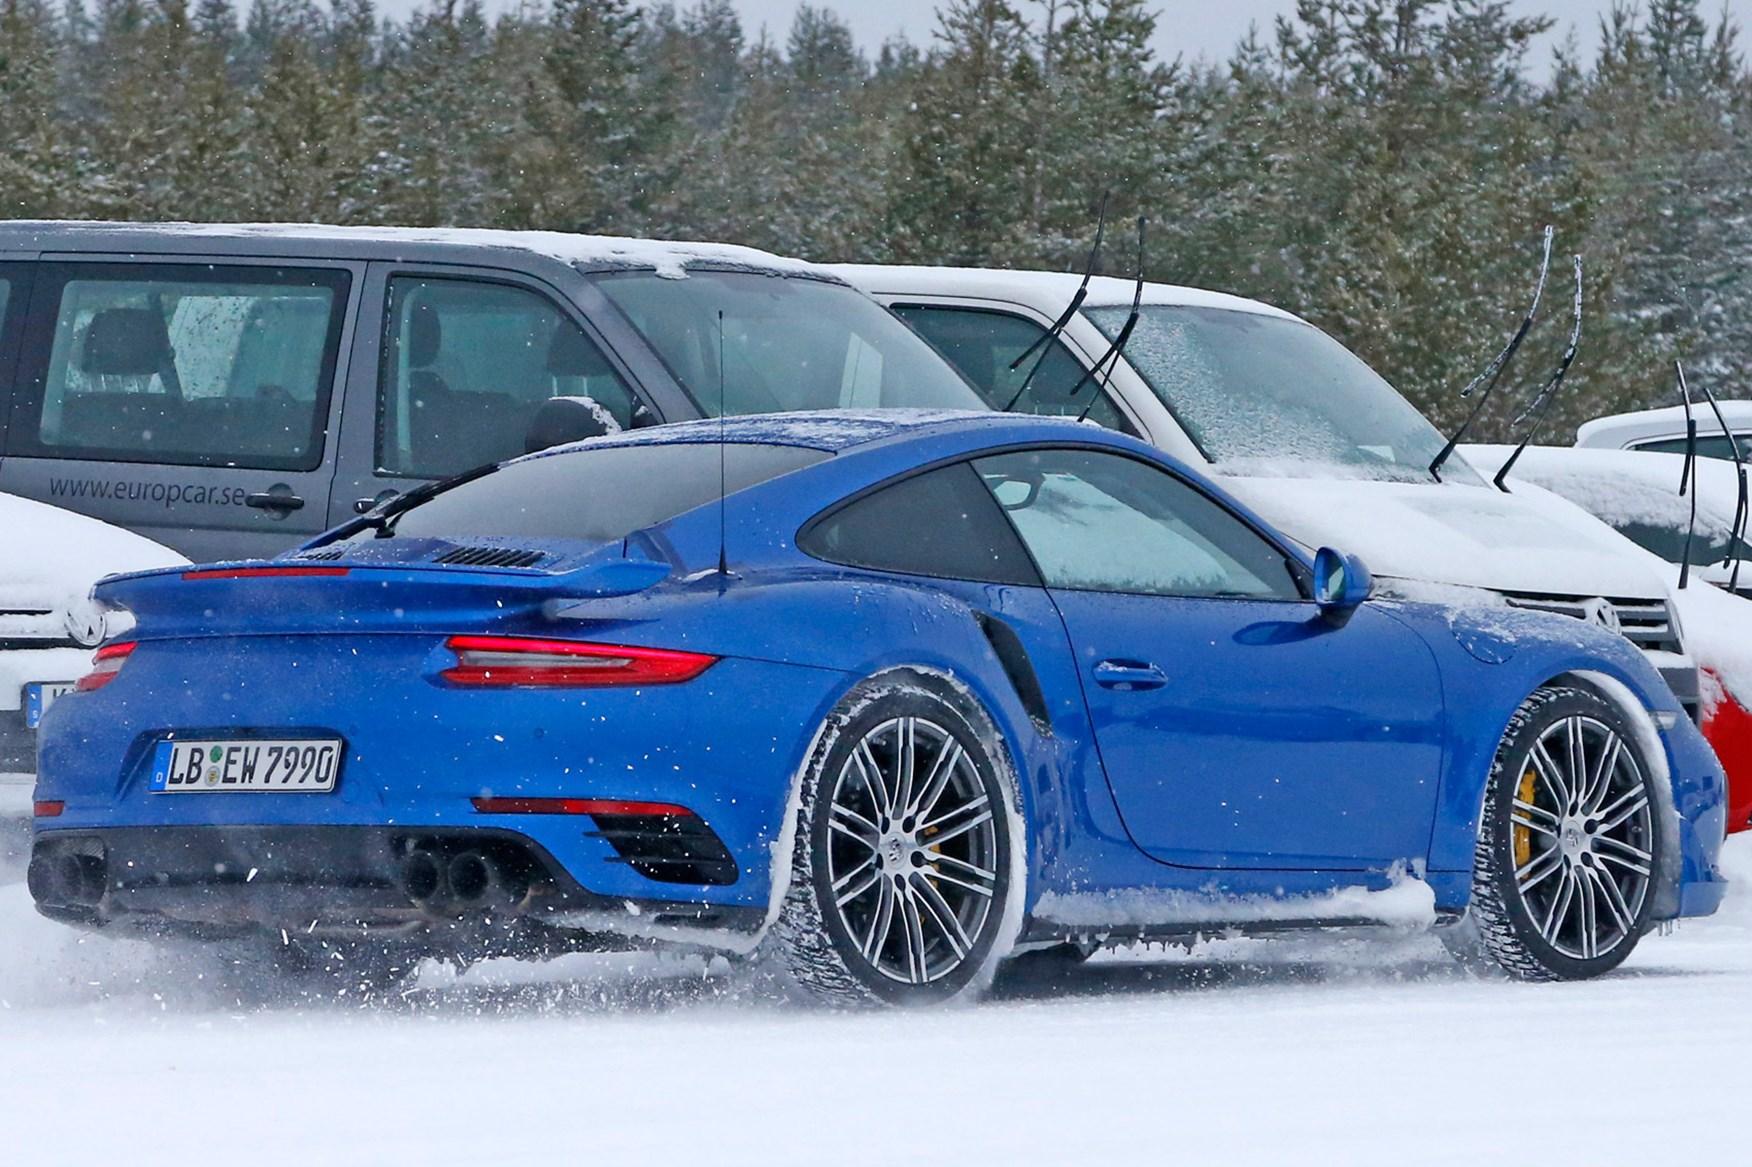 008-911gt3 Outstanding Porsche 911 Gt2 Hot Wheels Cars Trend